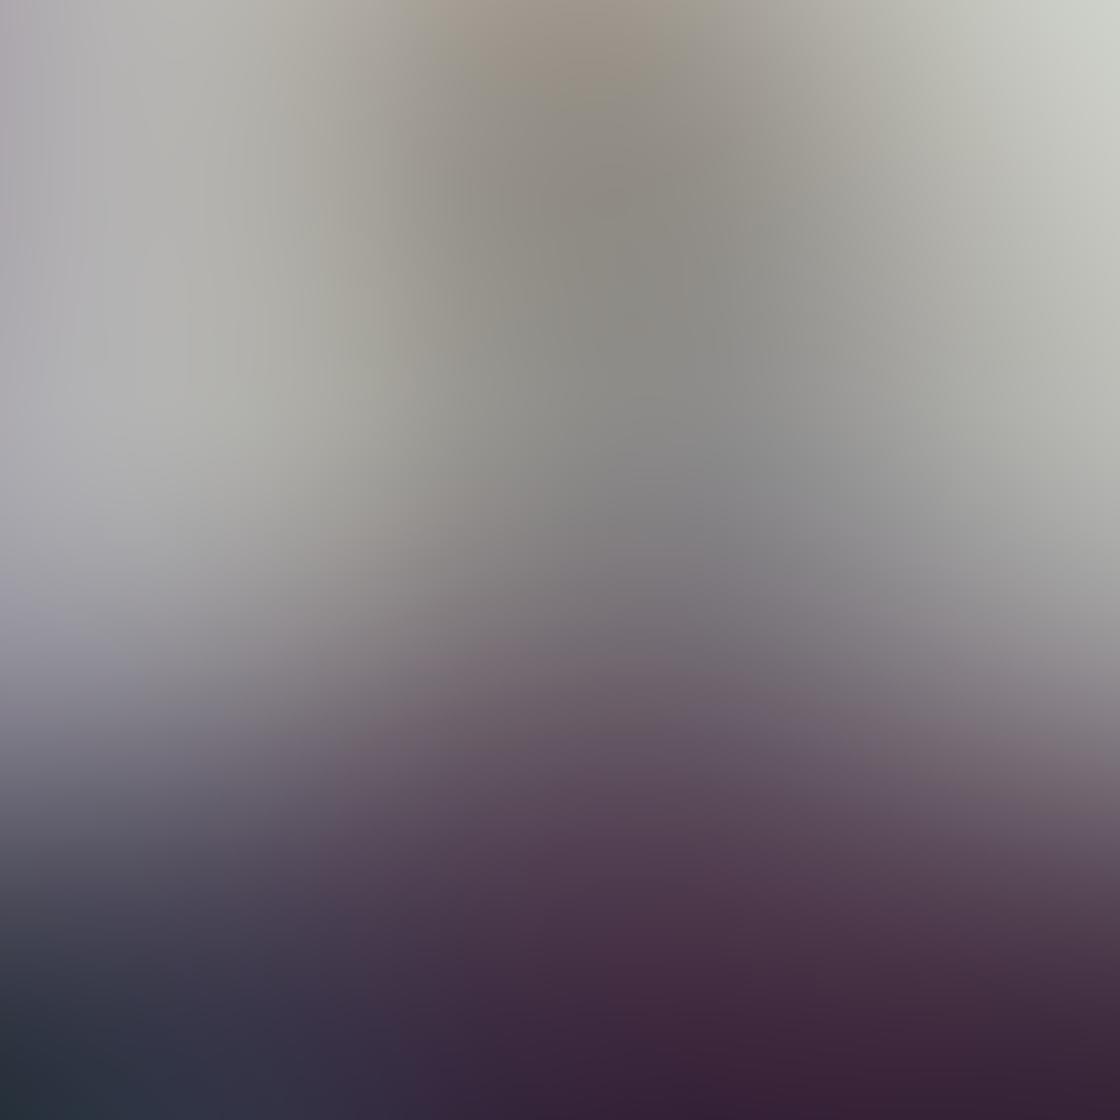 iPhone Photos Texture 39